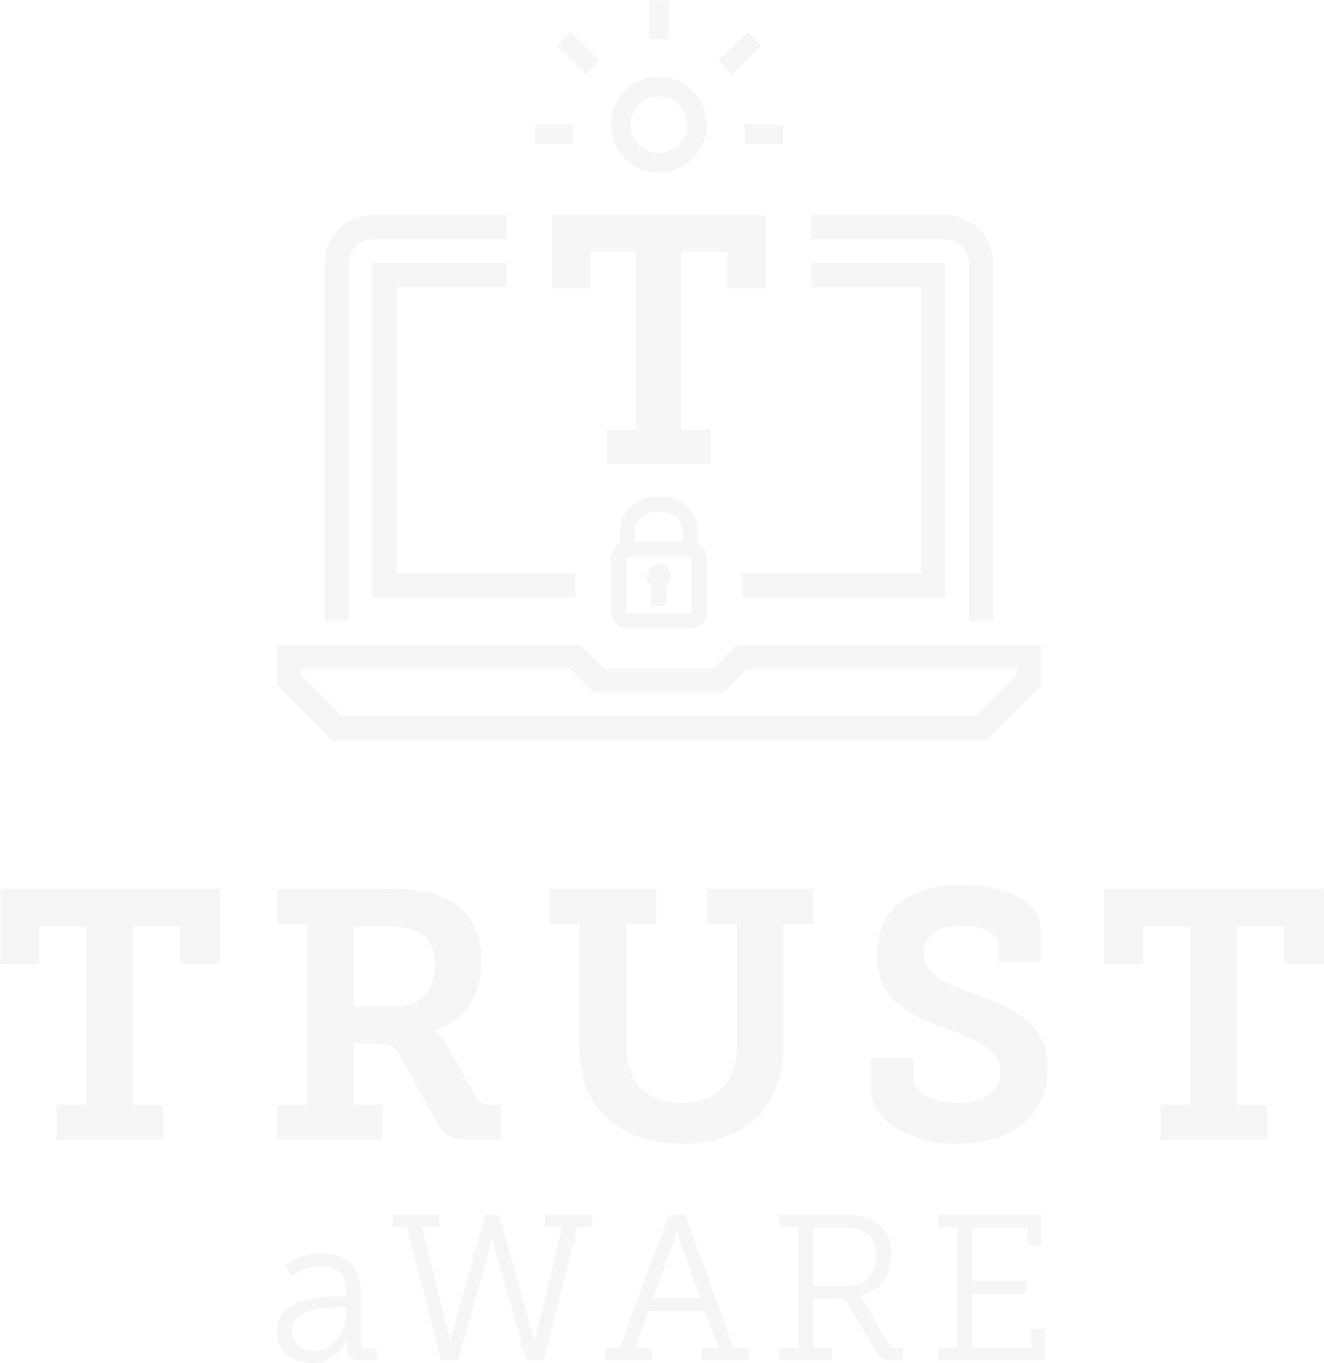 TRUST aWARE